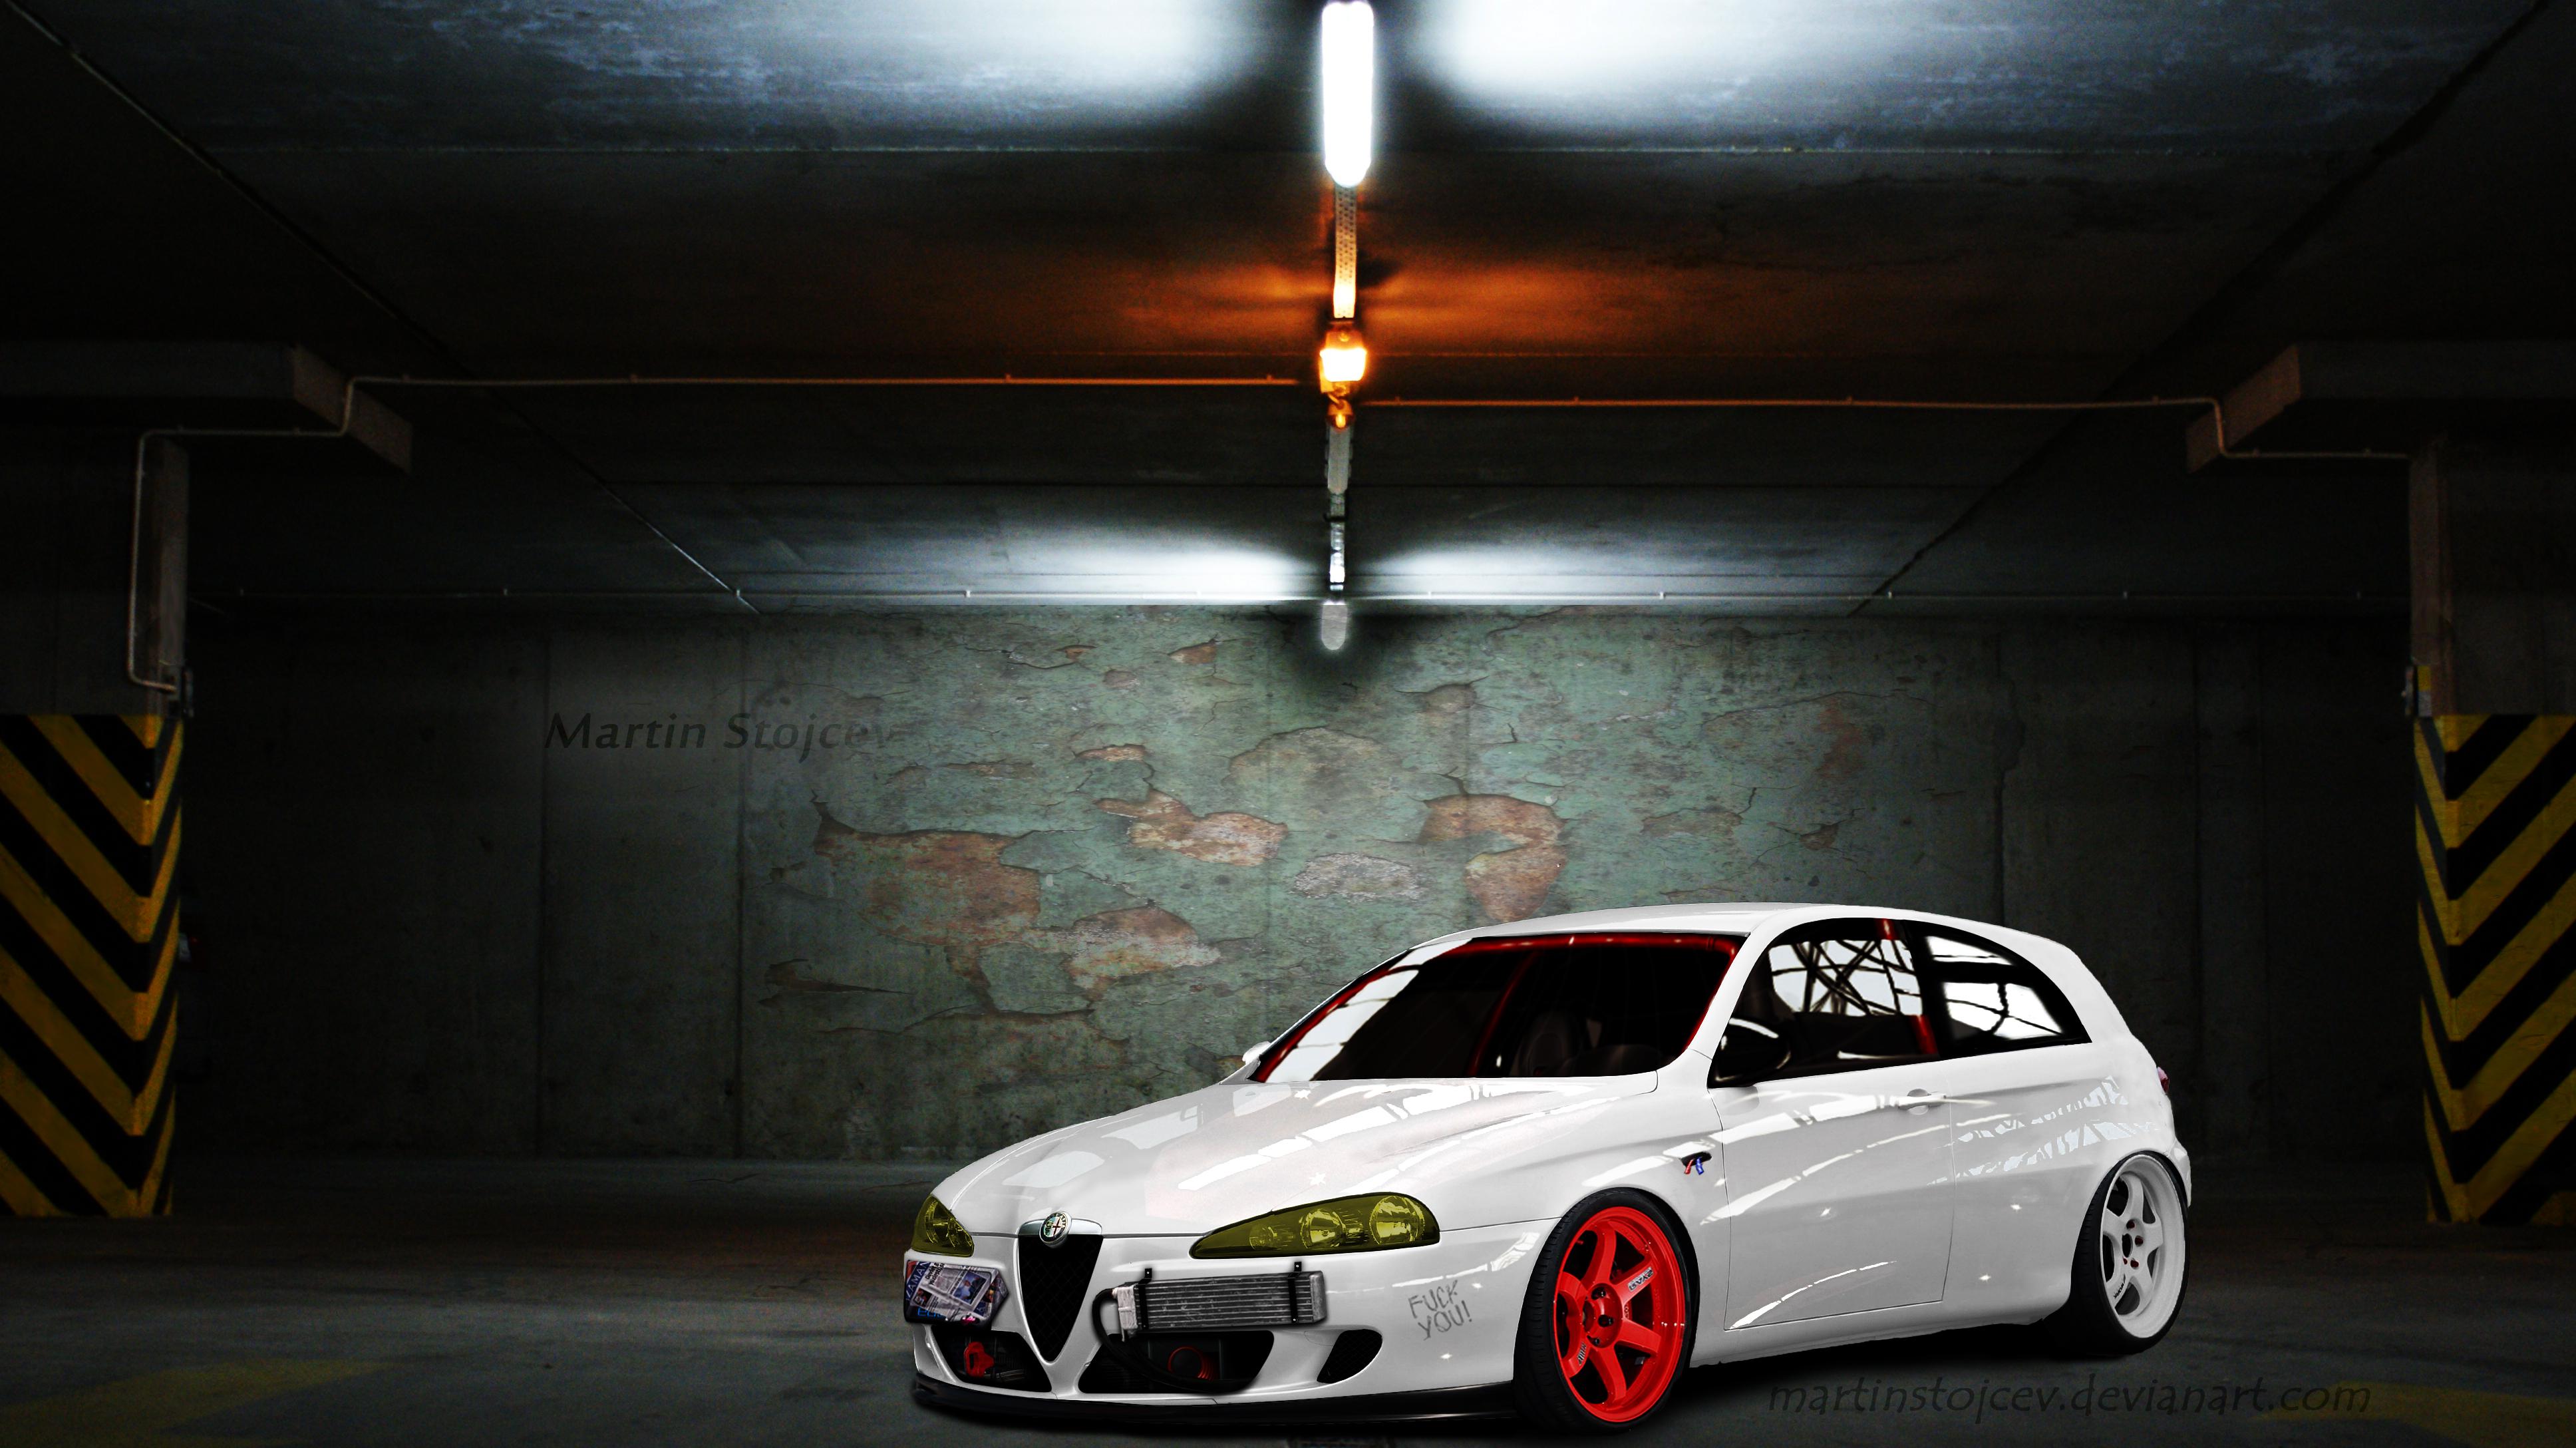 Alfa 147 by Martinstojcev